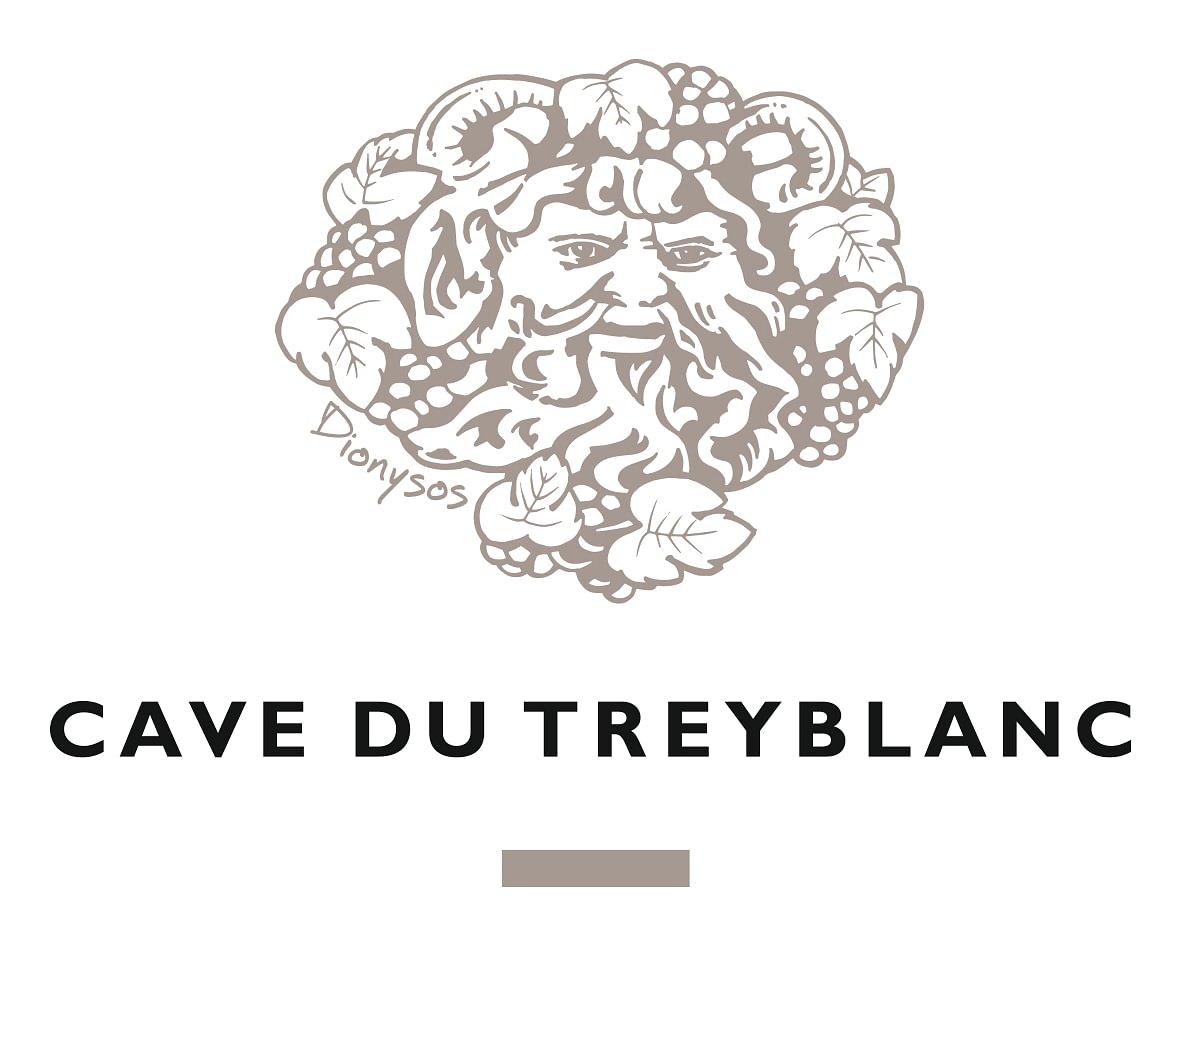 Cave du Treyblanc